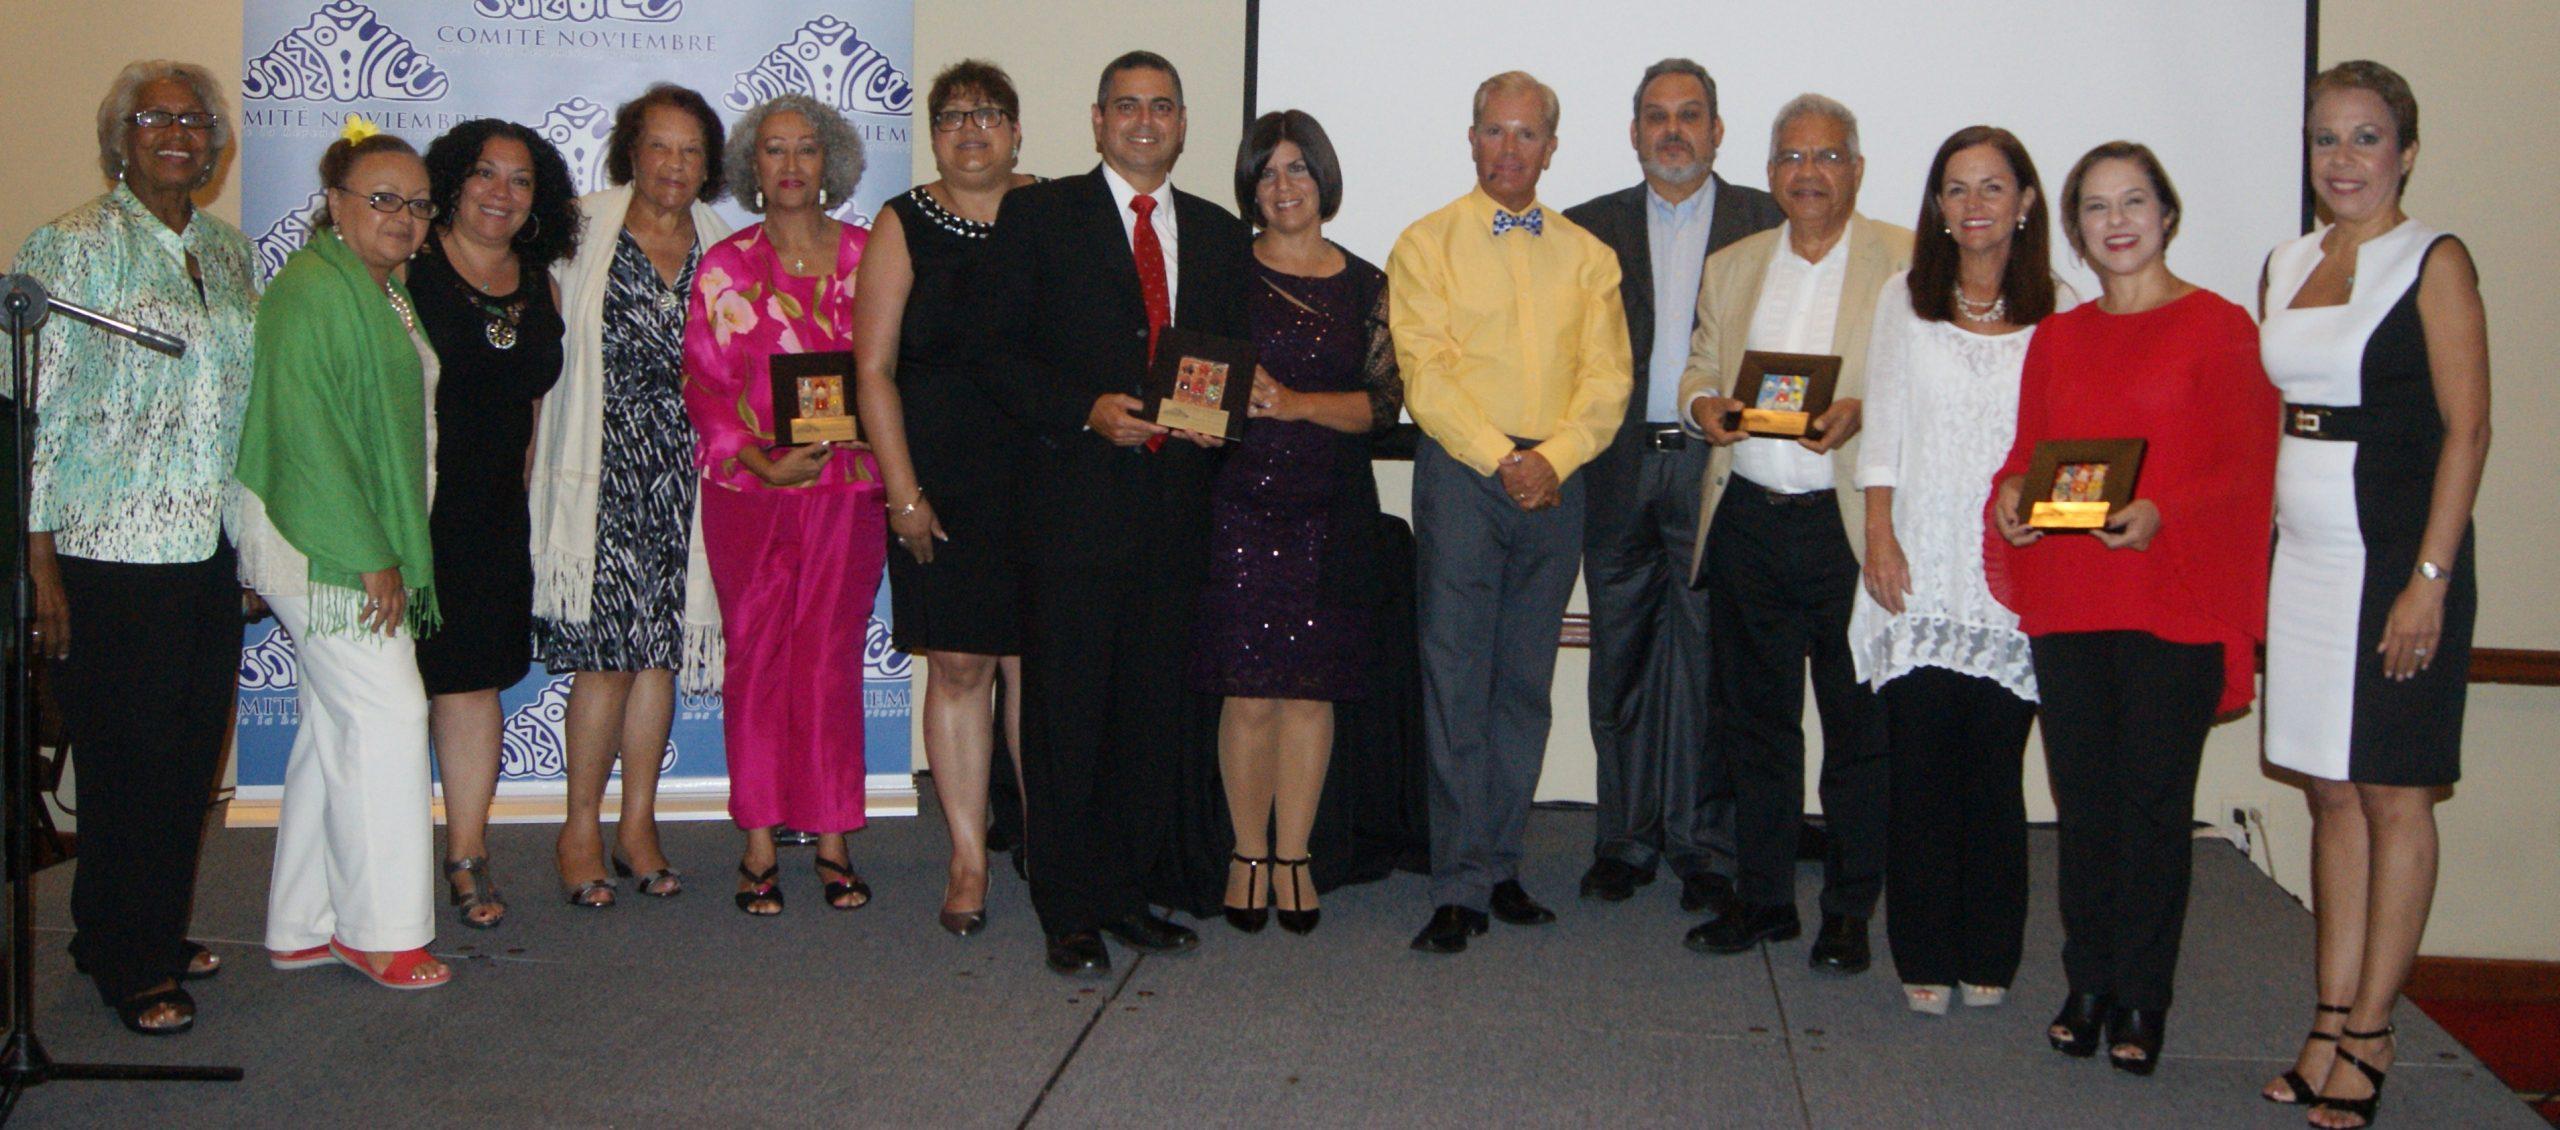 Los homenajeados con un grupo de los integrantes del Comité Noviembre. (Foto Luis Ernesto Berríos)